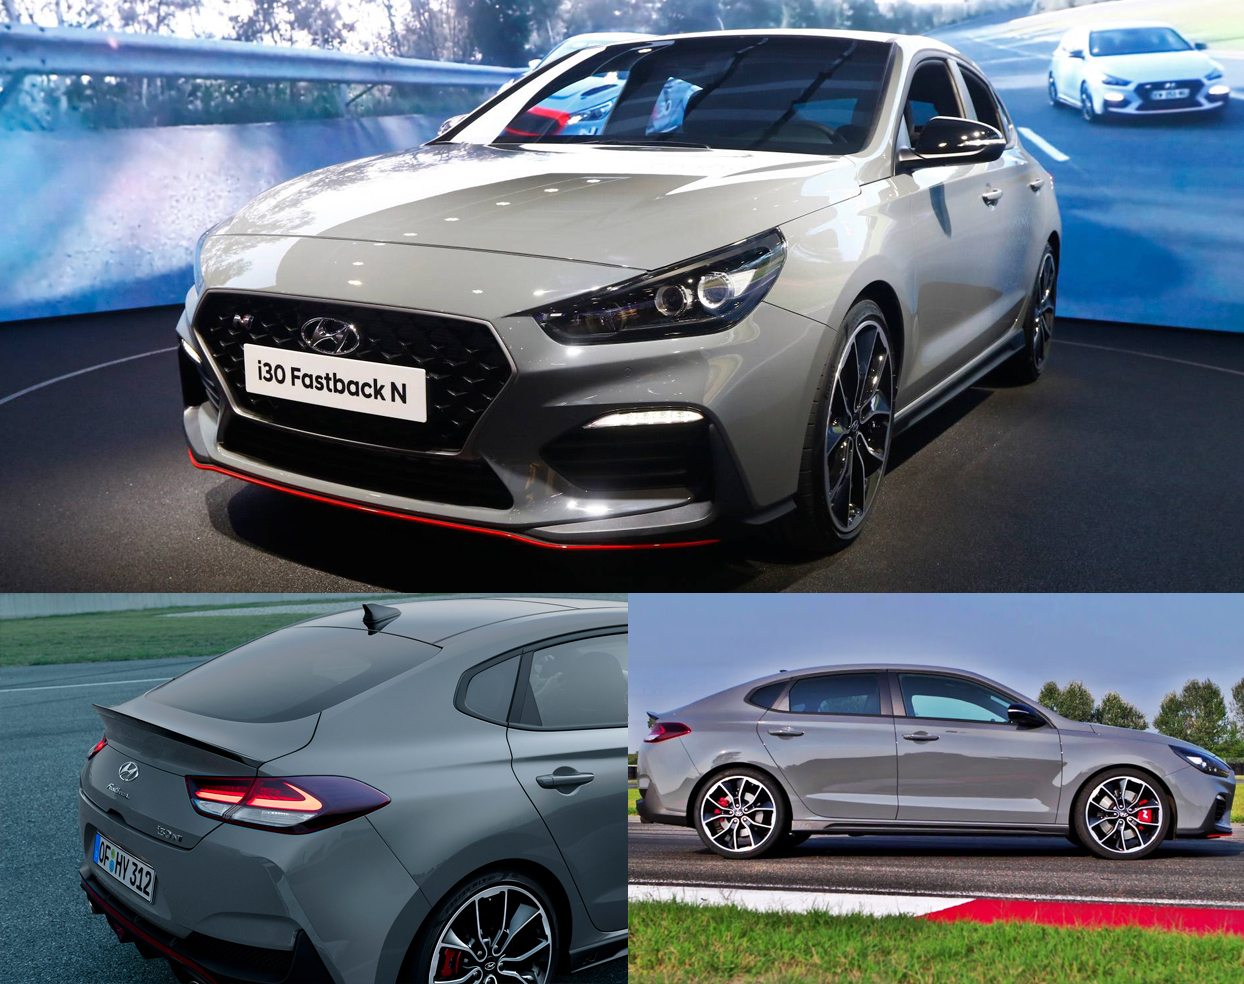 برترین خودروهایی که در سال ۲۰۱۹ معرفی میشوند +تصاویر - 5